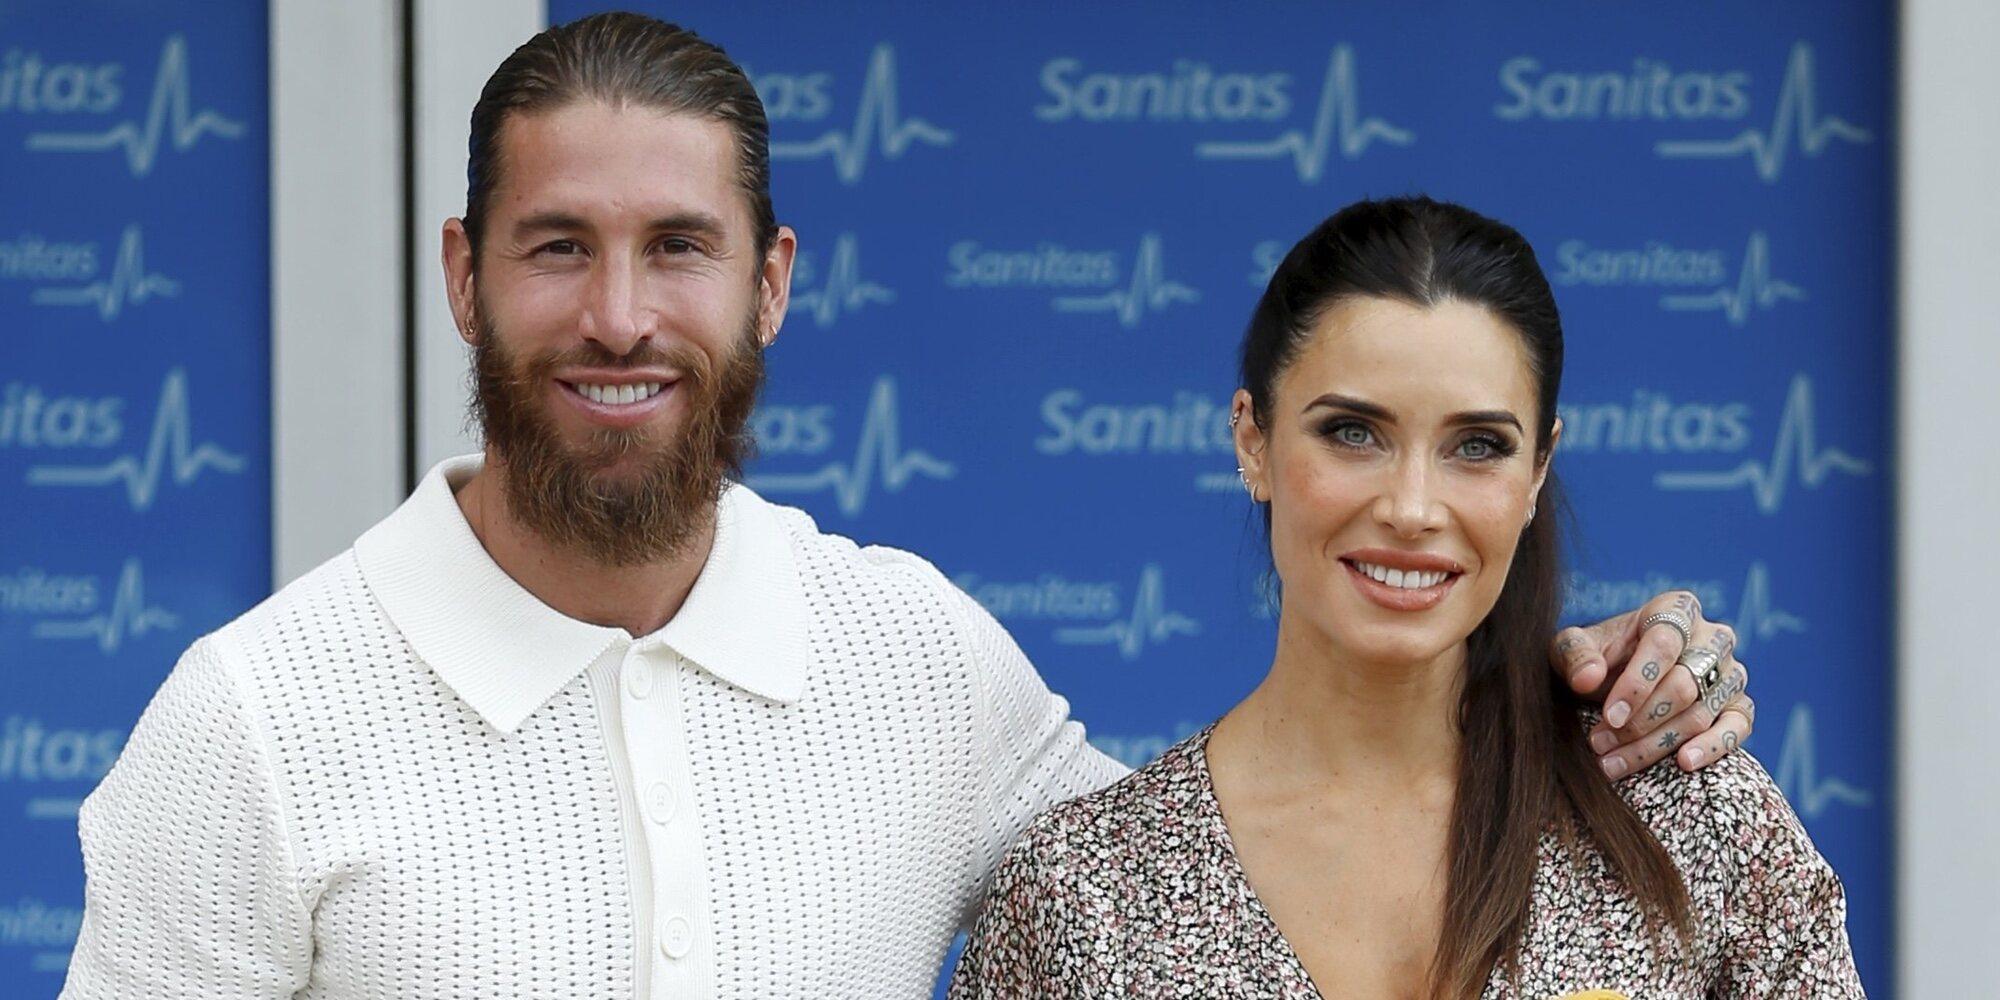 Pilar Rubio y Sergio Ramos celebran el primer cumpleaños de Máximo Adriano en París